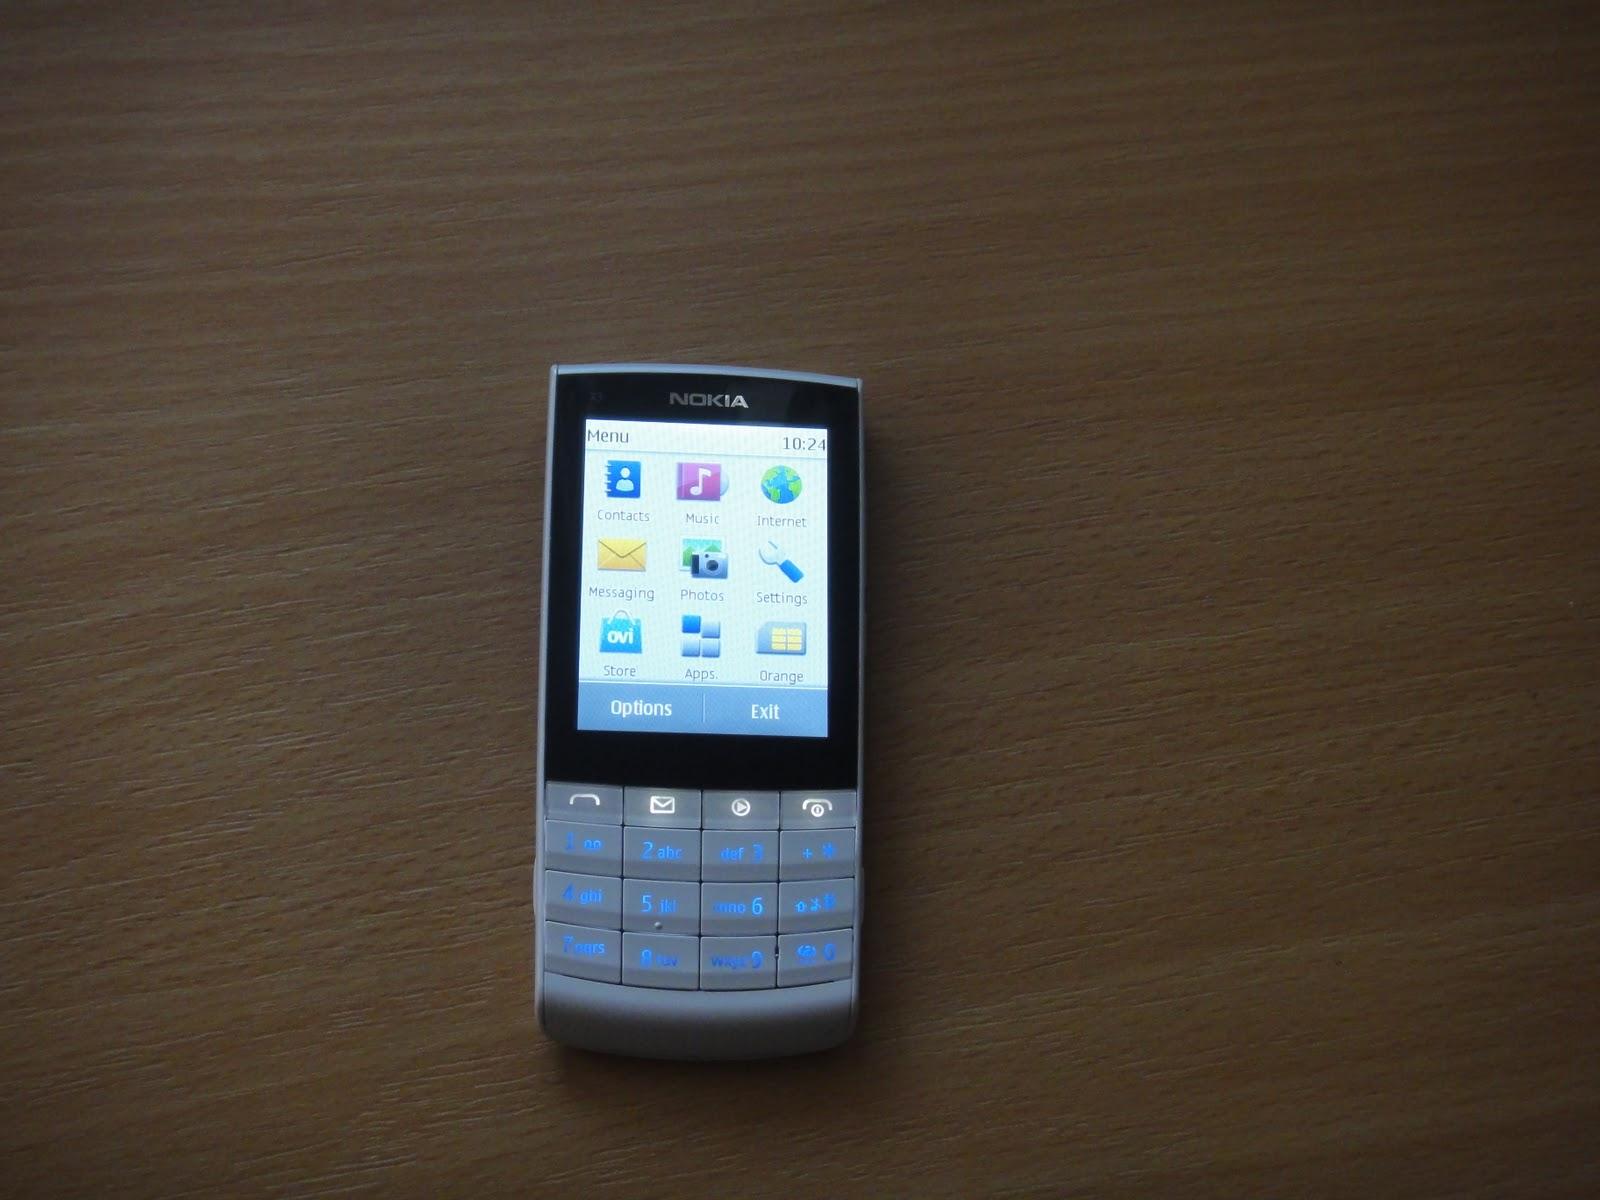 Celular Desbloqueado Nokia X3 02 Branco c Câmera 5MP